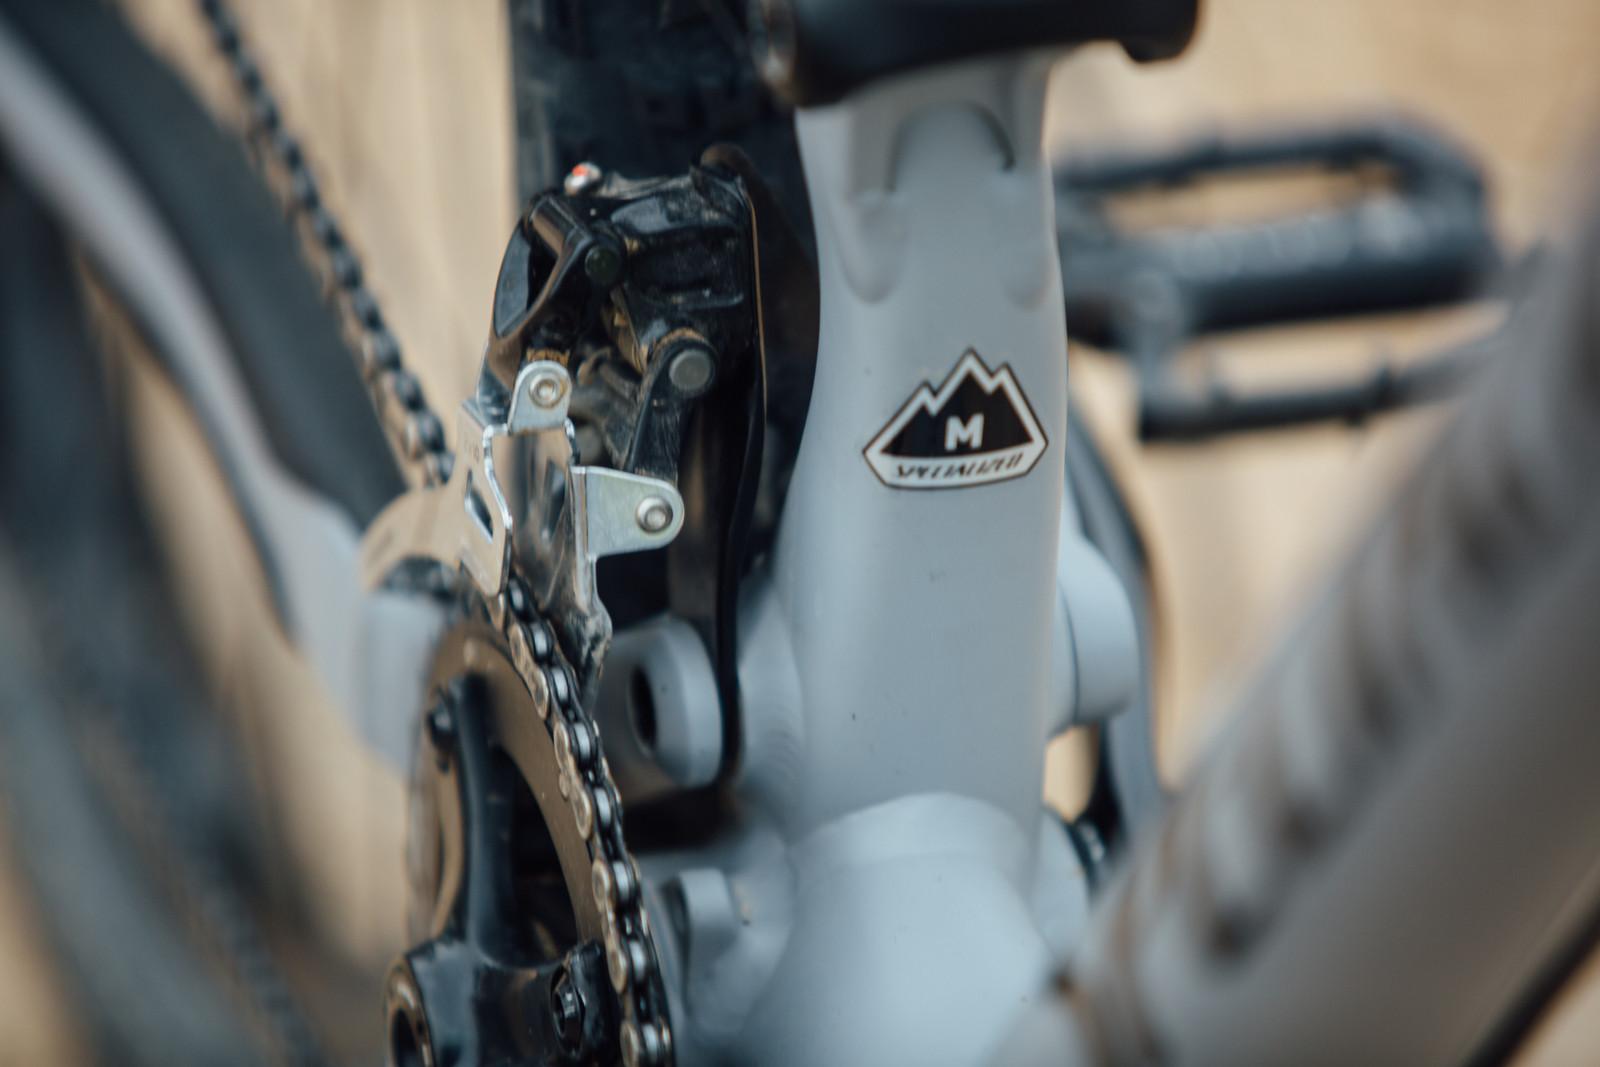 Specialized Rhyme FSR Comp 650b - 2016 Vital MTB Test Sessions - Specialized Rhyme FSR Comp 650b - 2016 Vital MTB Test Sessions - Mountain Biking Pictures - Vital MTB